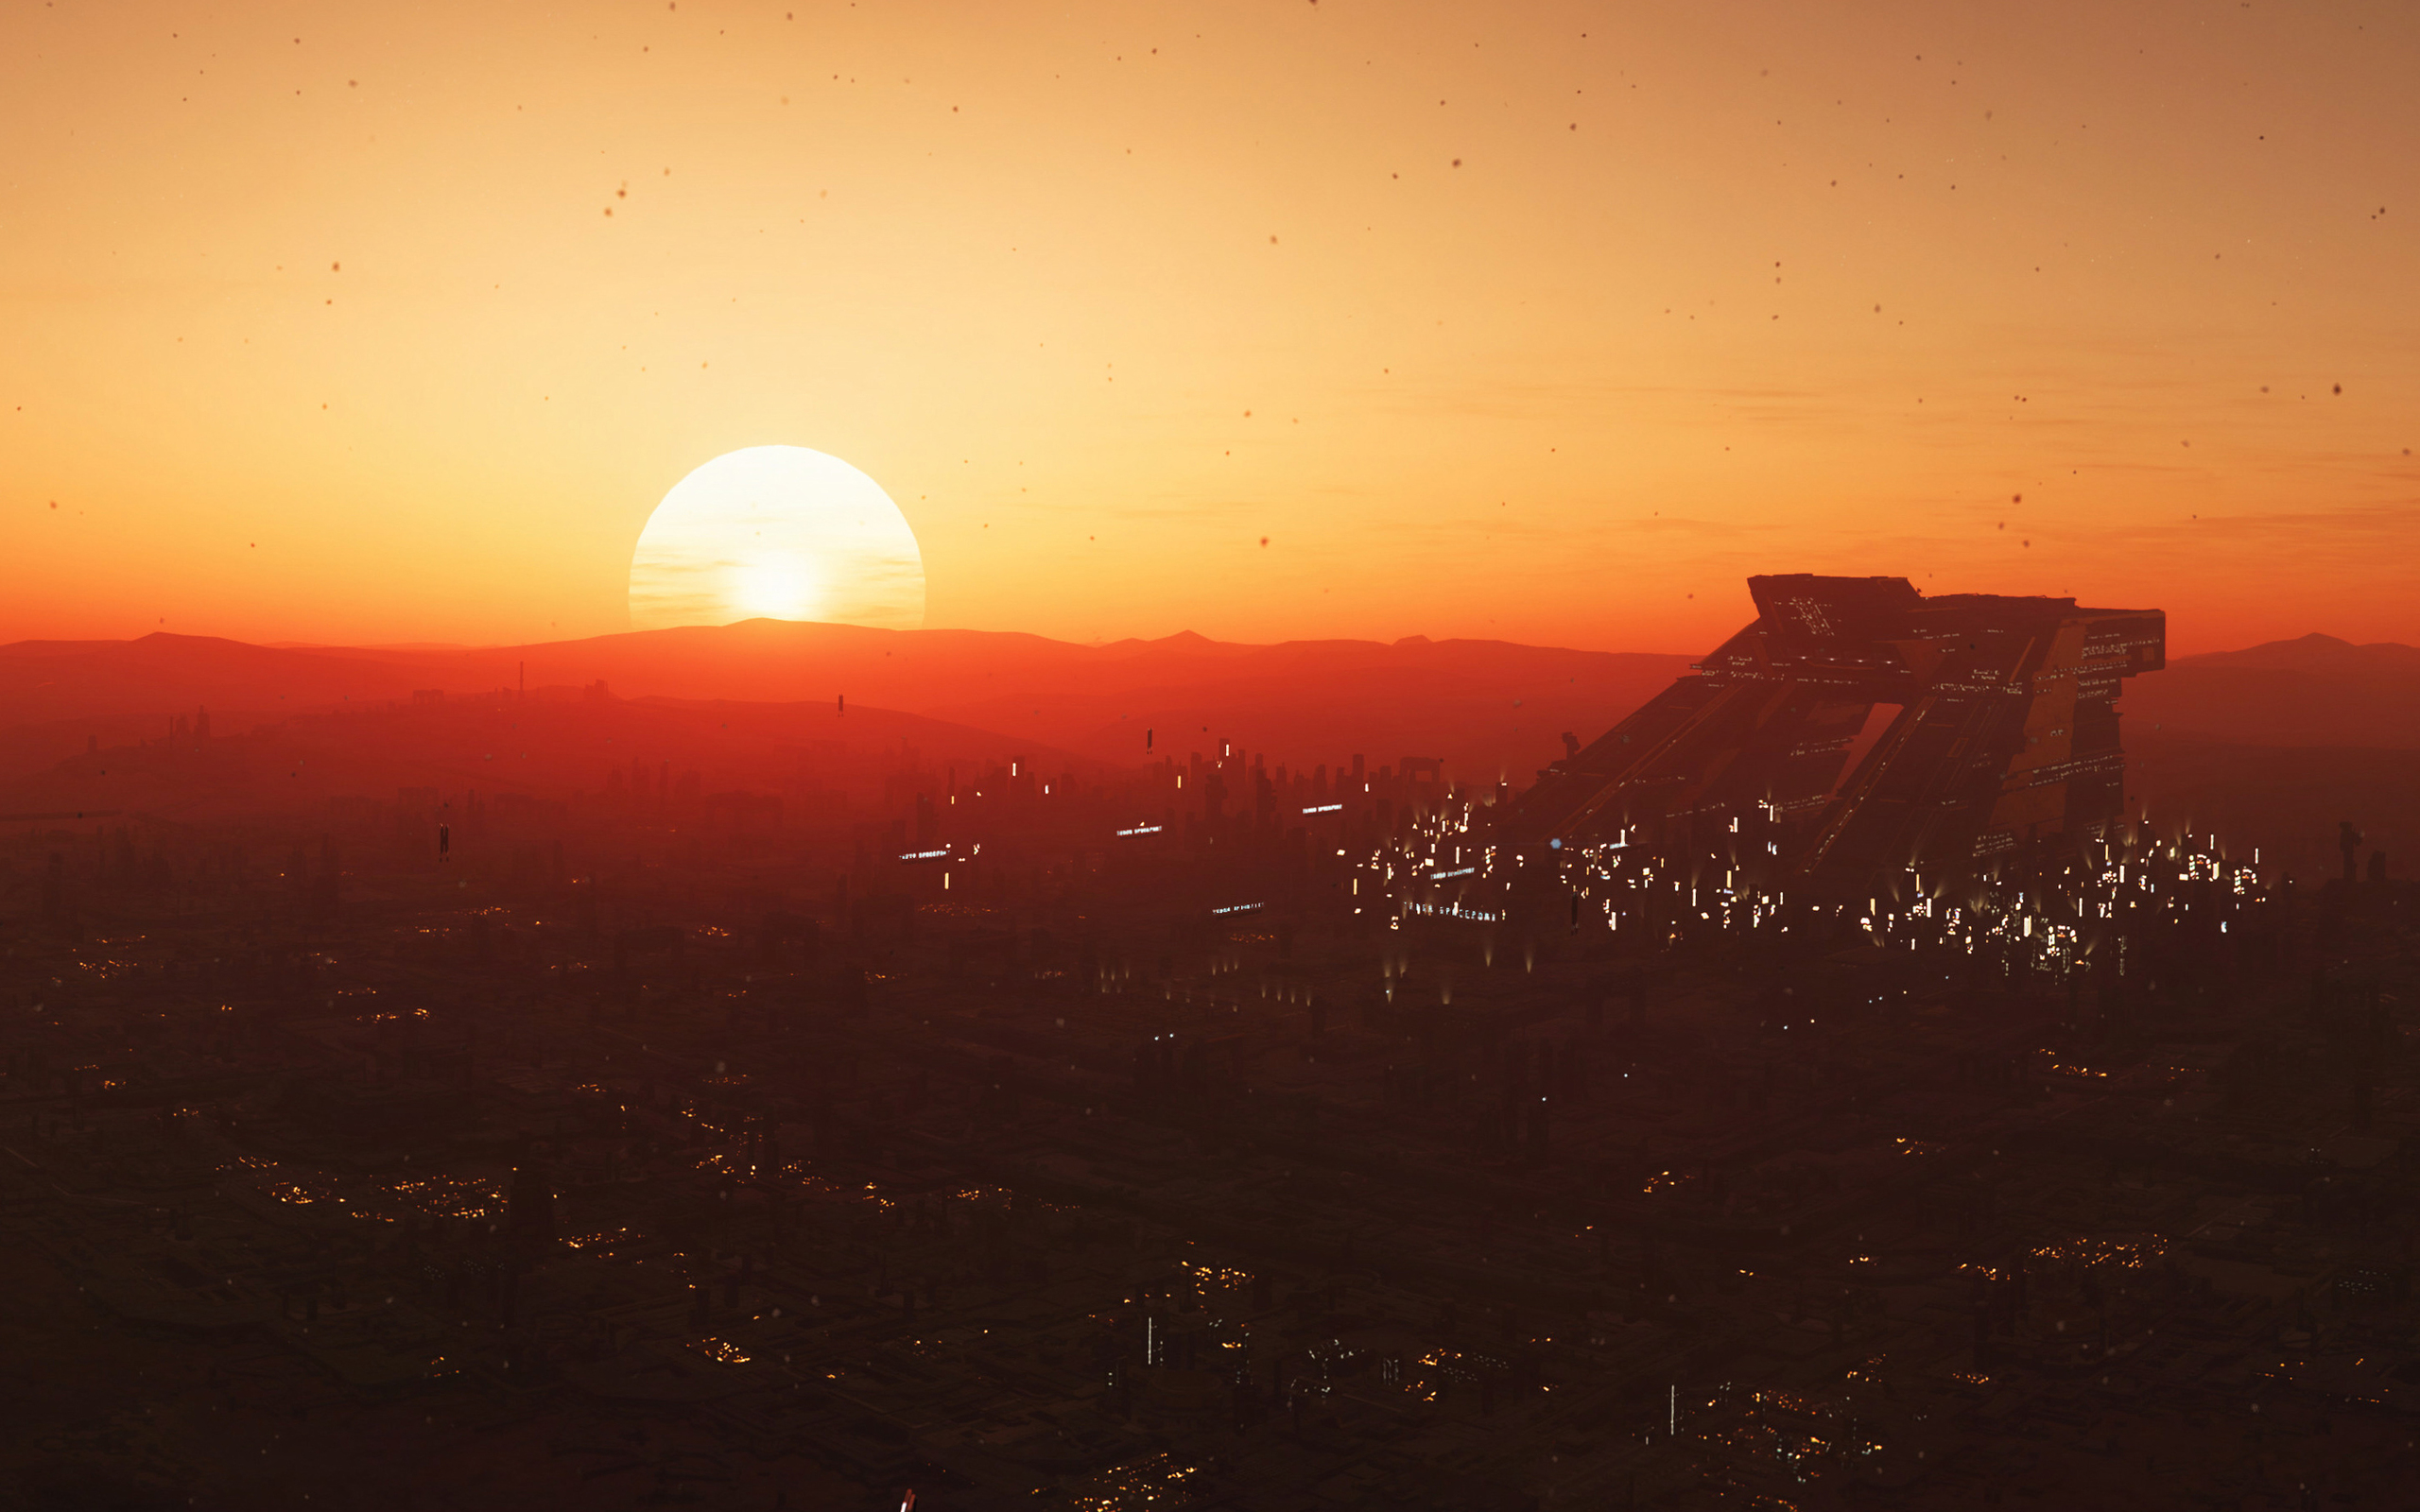 star-citizen-sunset-in-hurston-planet-kq.jpg